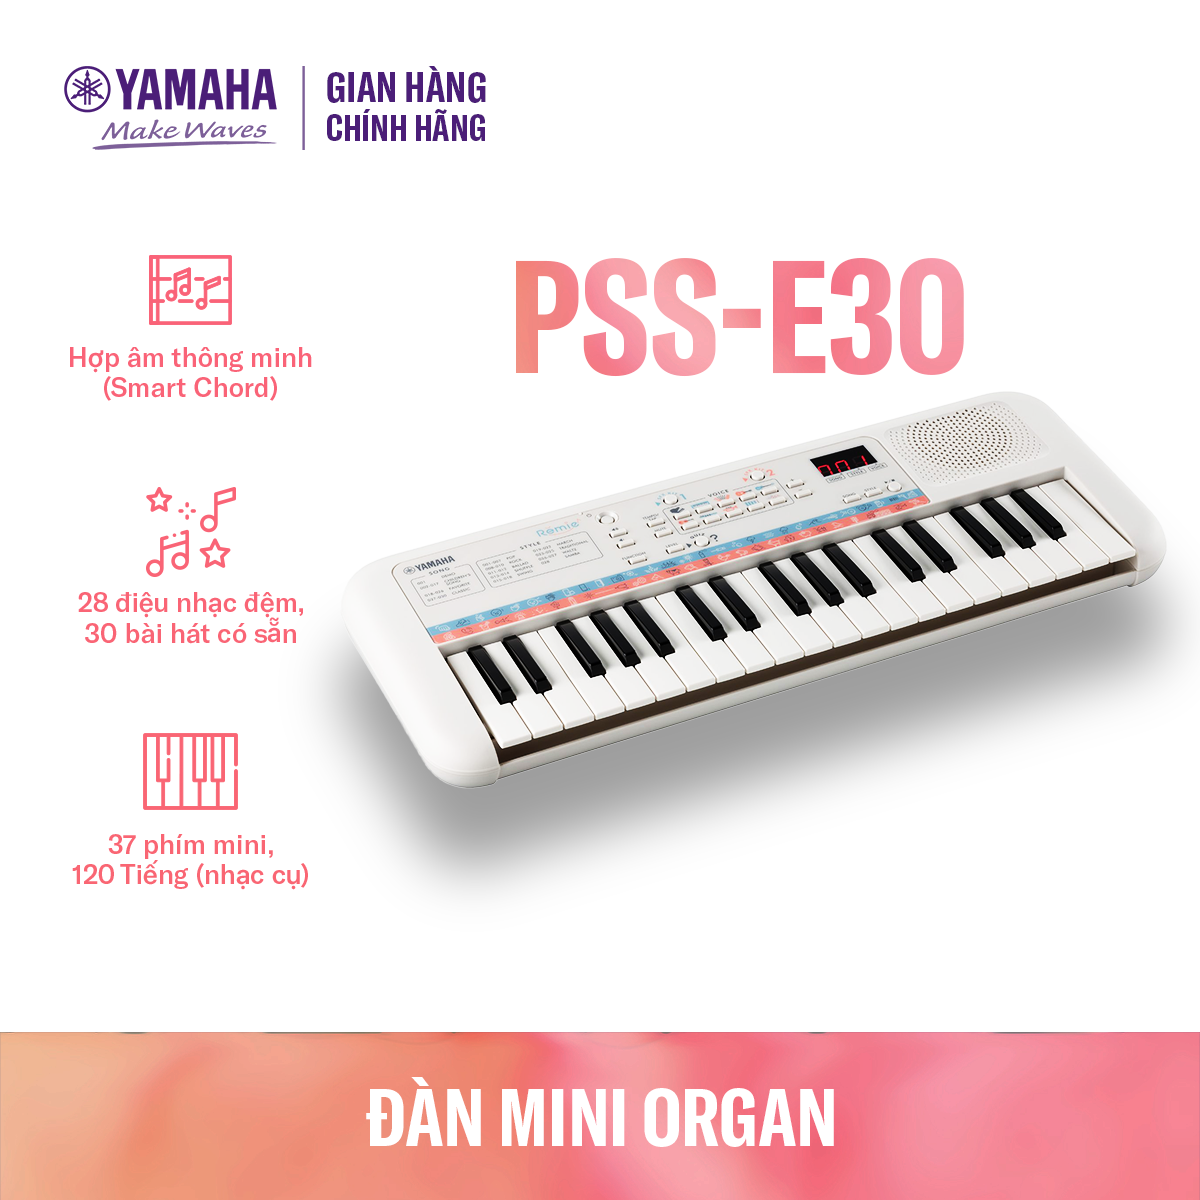 Đàn organ điện tử Yamaha cho trẻ em PSS-E30 – Bàn phím mini – 47 Tiếng nhạc – 28 Kiểu nhạc đệm – 74 Hiệu ứng âm thanh – Chế độ đố vui – Bảo hành chính hãng 12 tháng